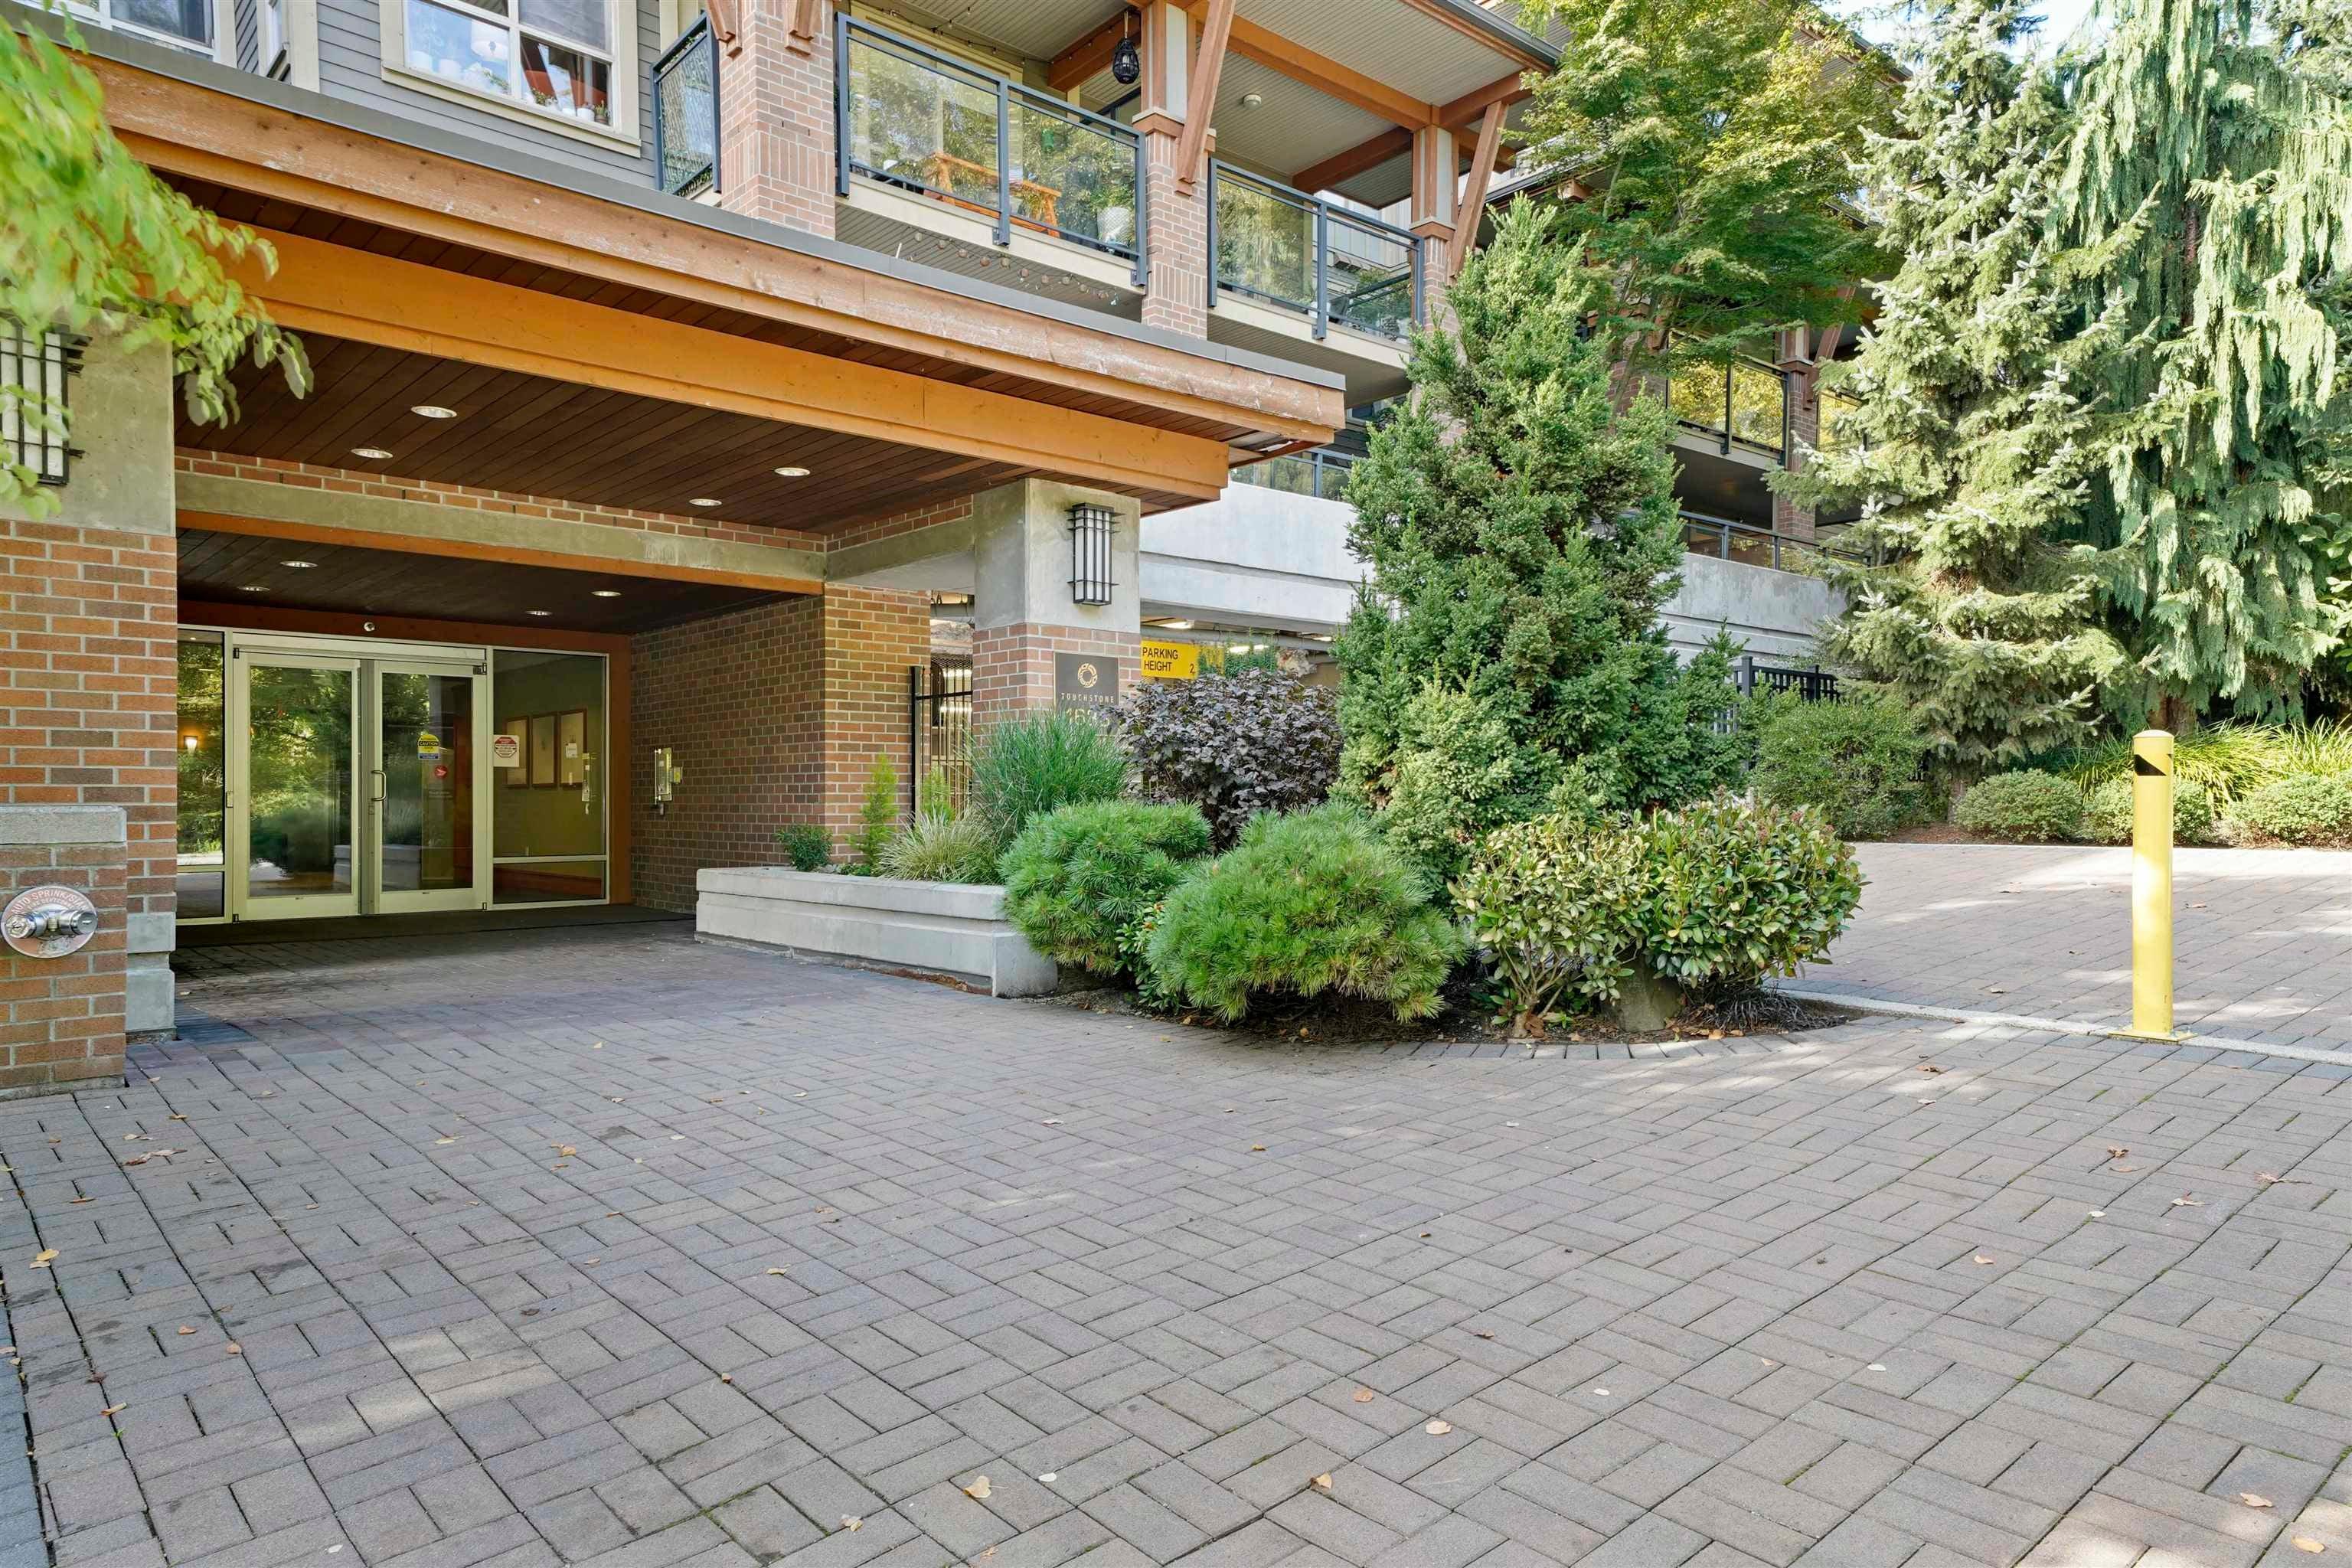 319 1633 MACKAY AVENUE - Pemberton NV Apartment/Condo for sale, 2 Bedrooms (R2624916) - #29